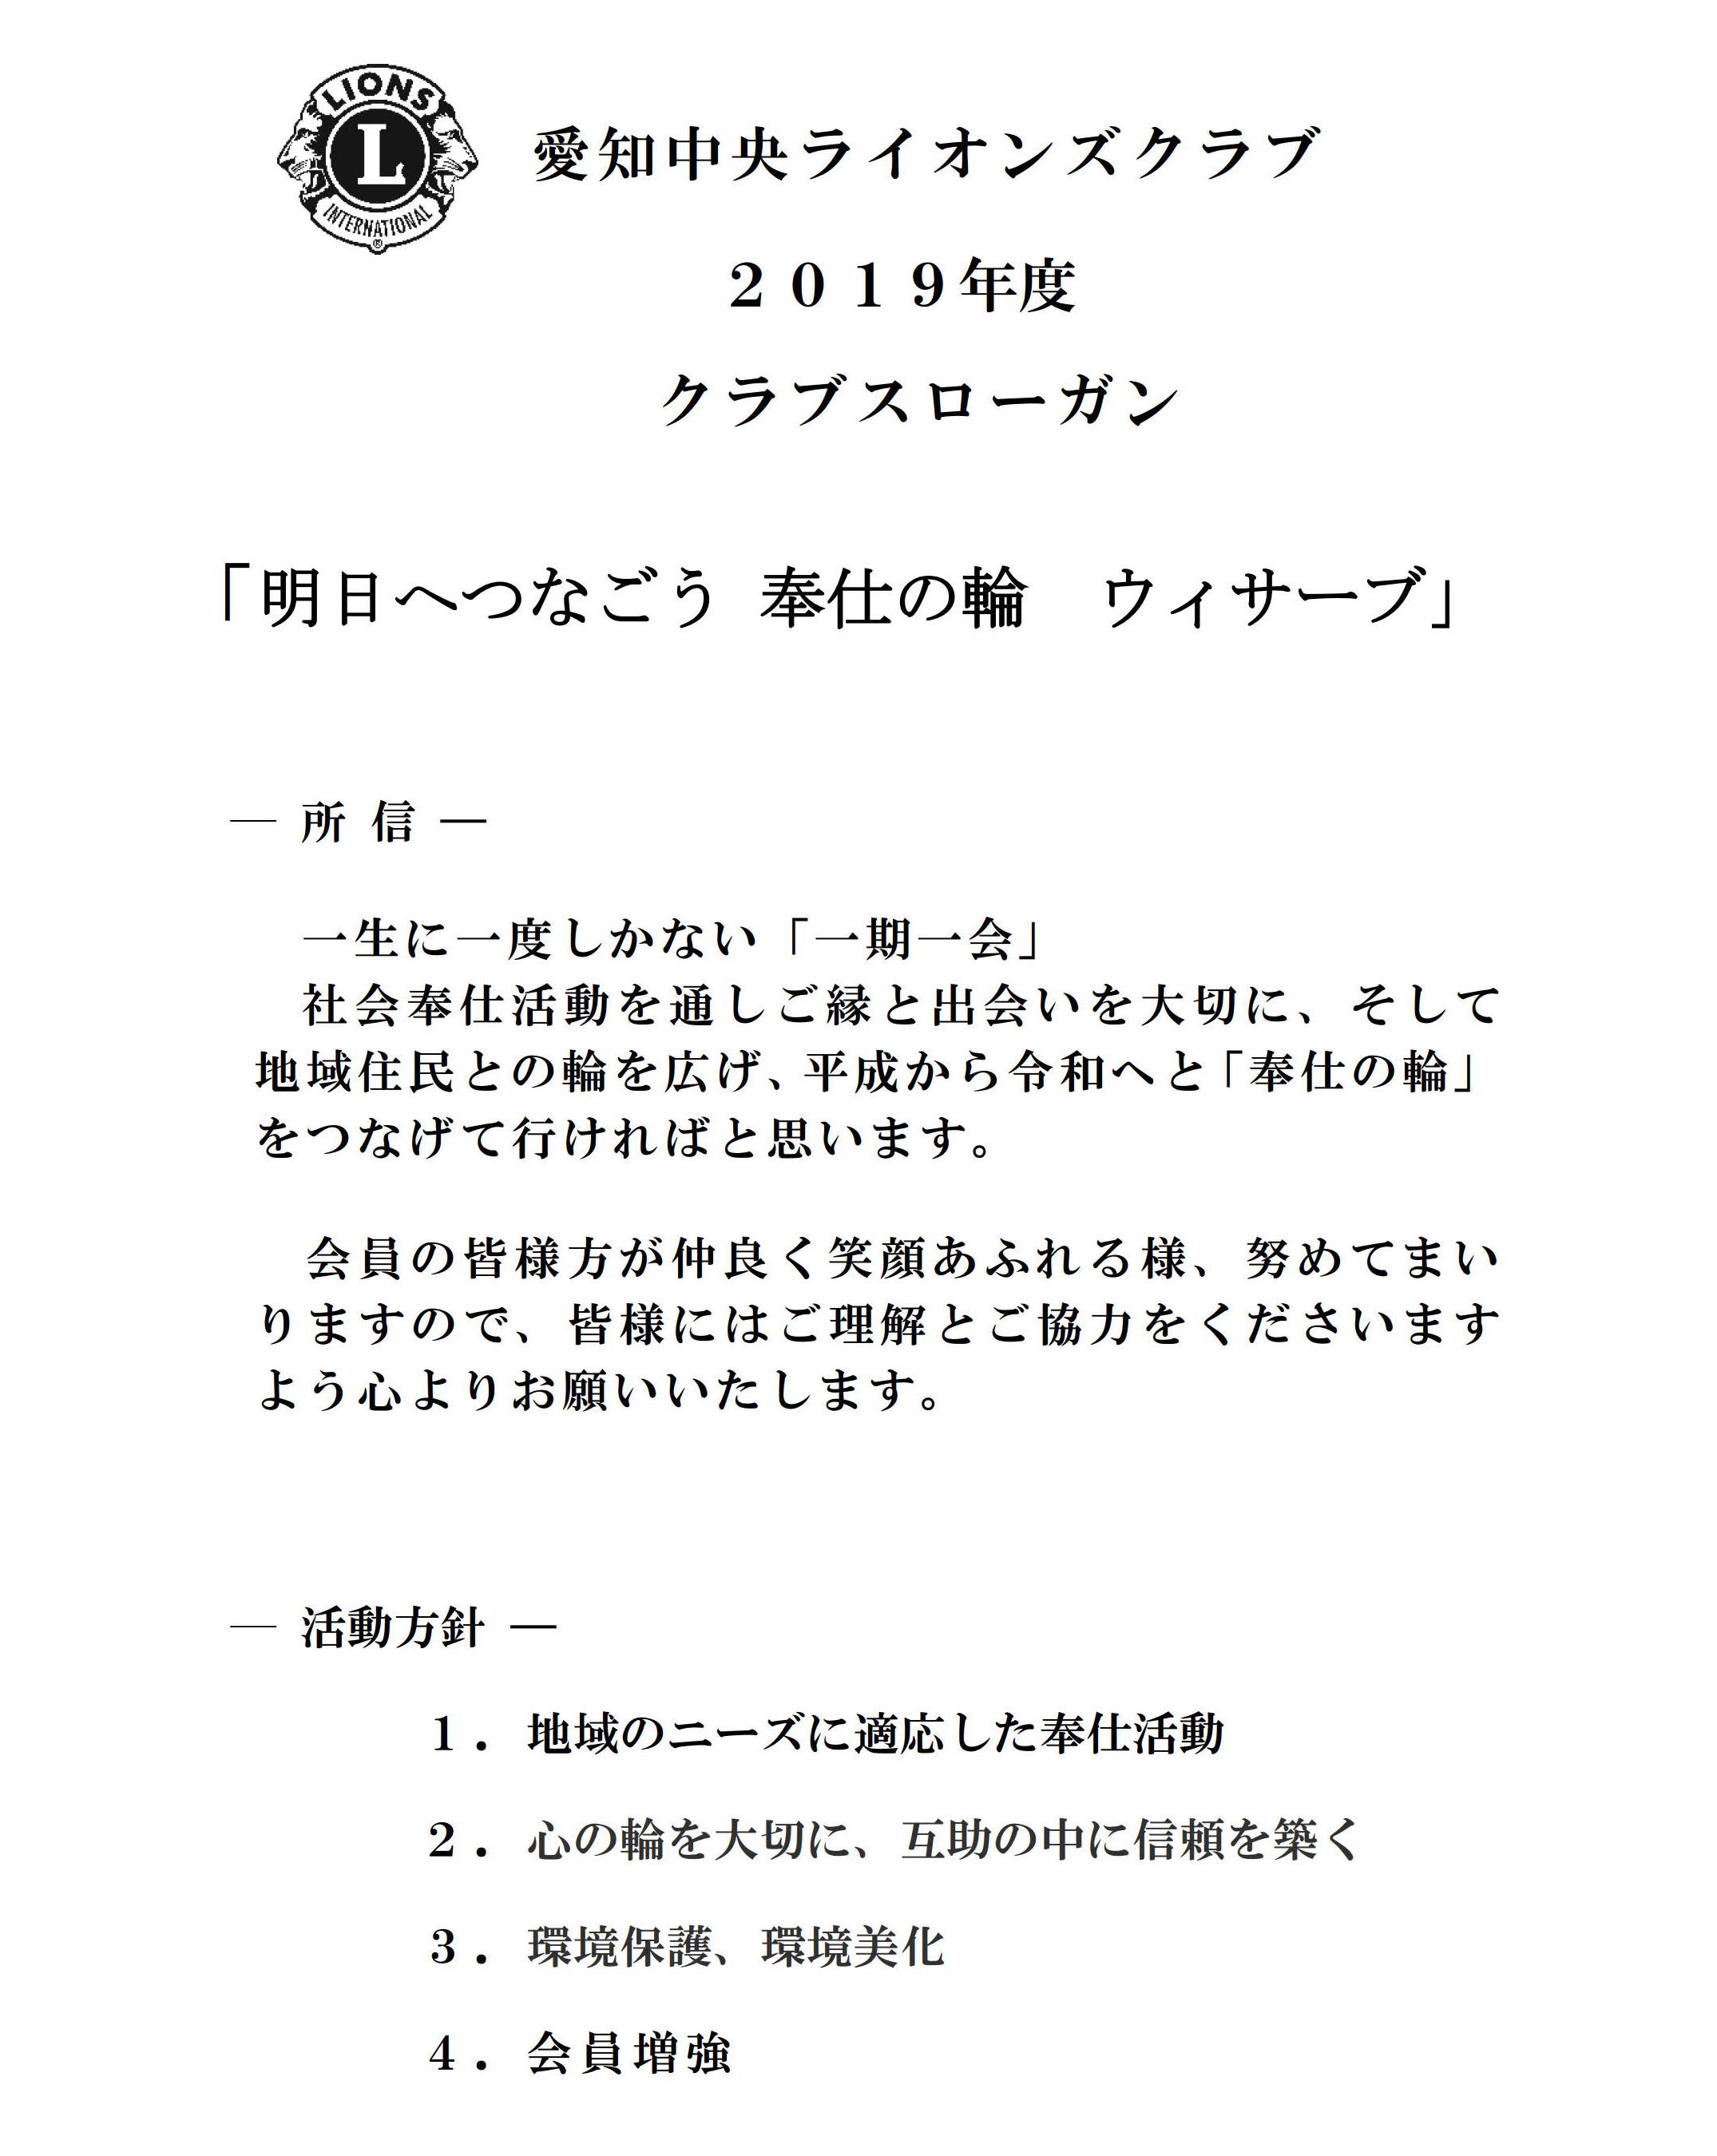 1愛知中央LCスローガン所信活動方針1